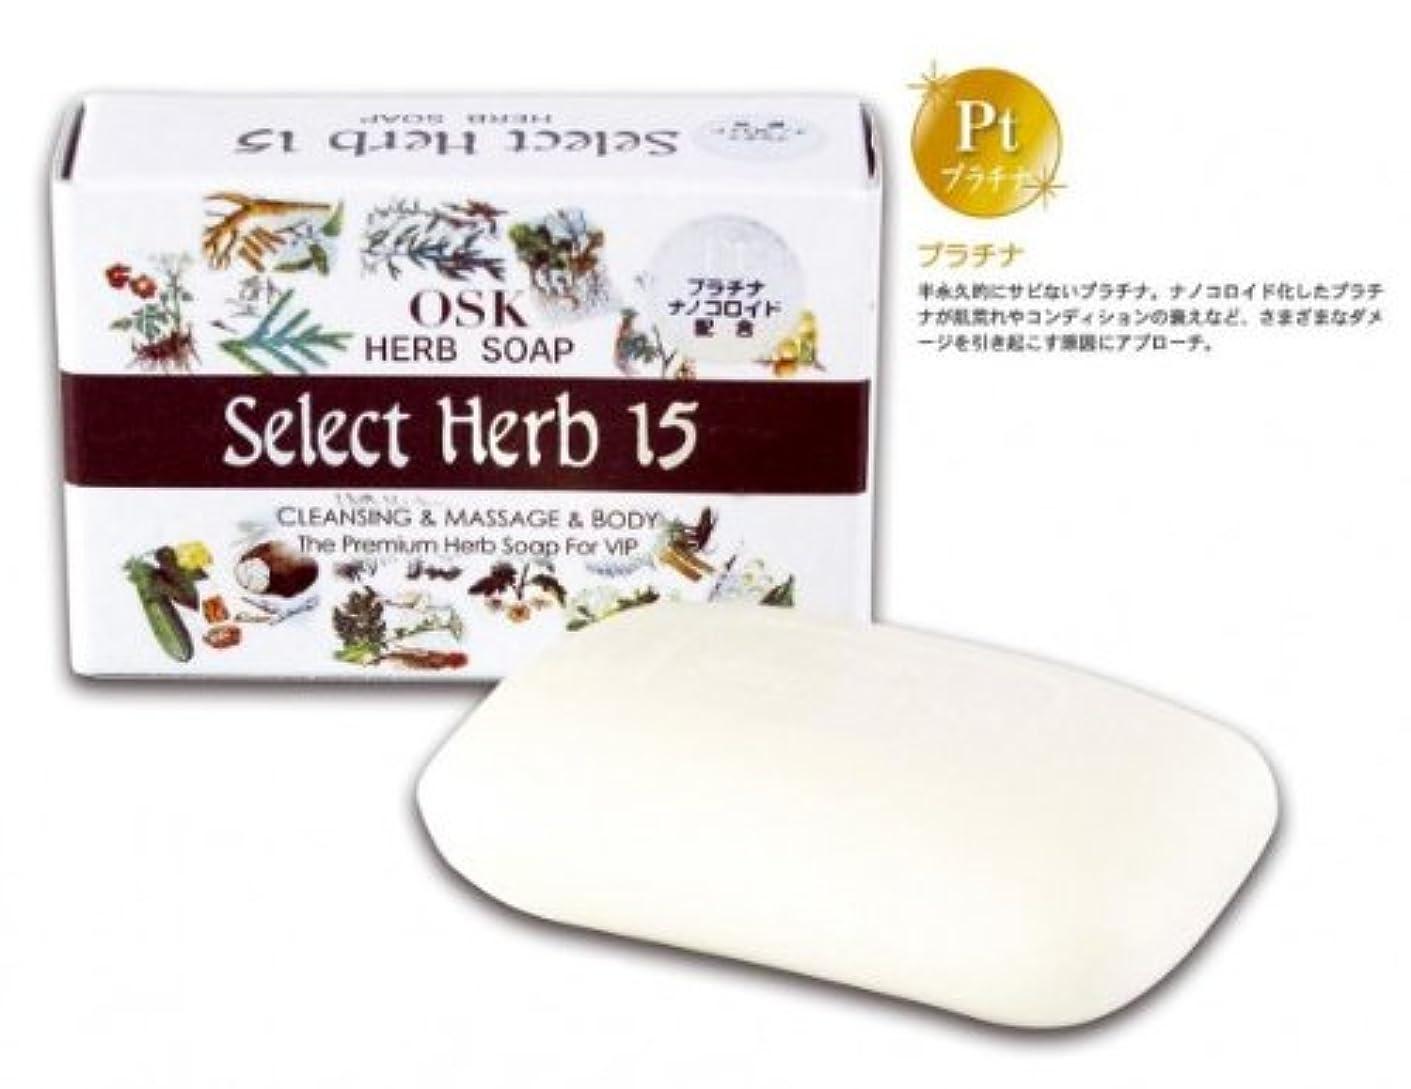 積極的に薬理学配当NEW OSK SOAP SelectHerb15(ニューオーエスケーソープセレクトハーブ15)135g